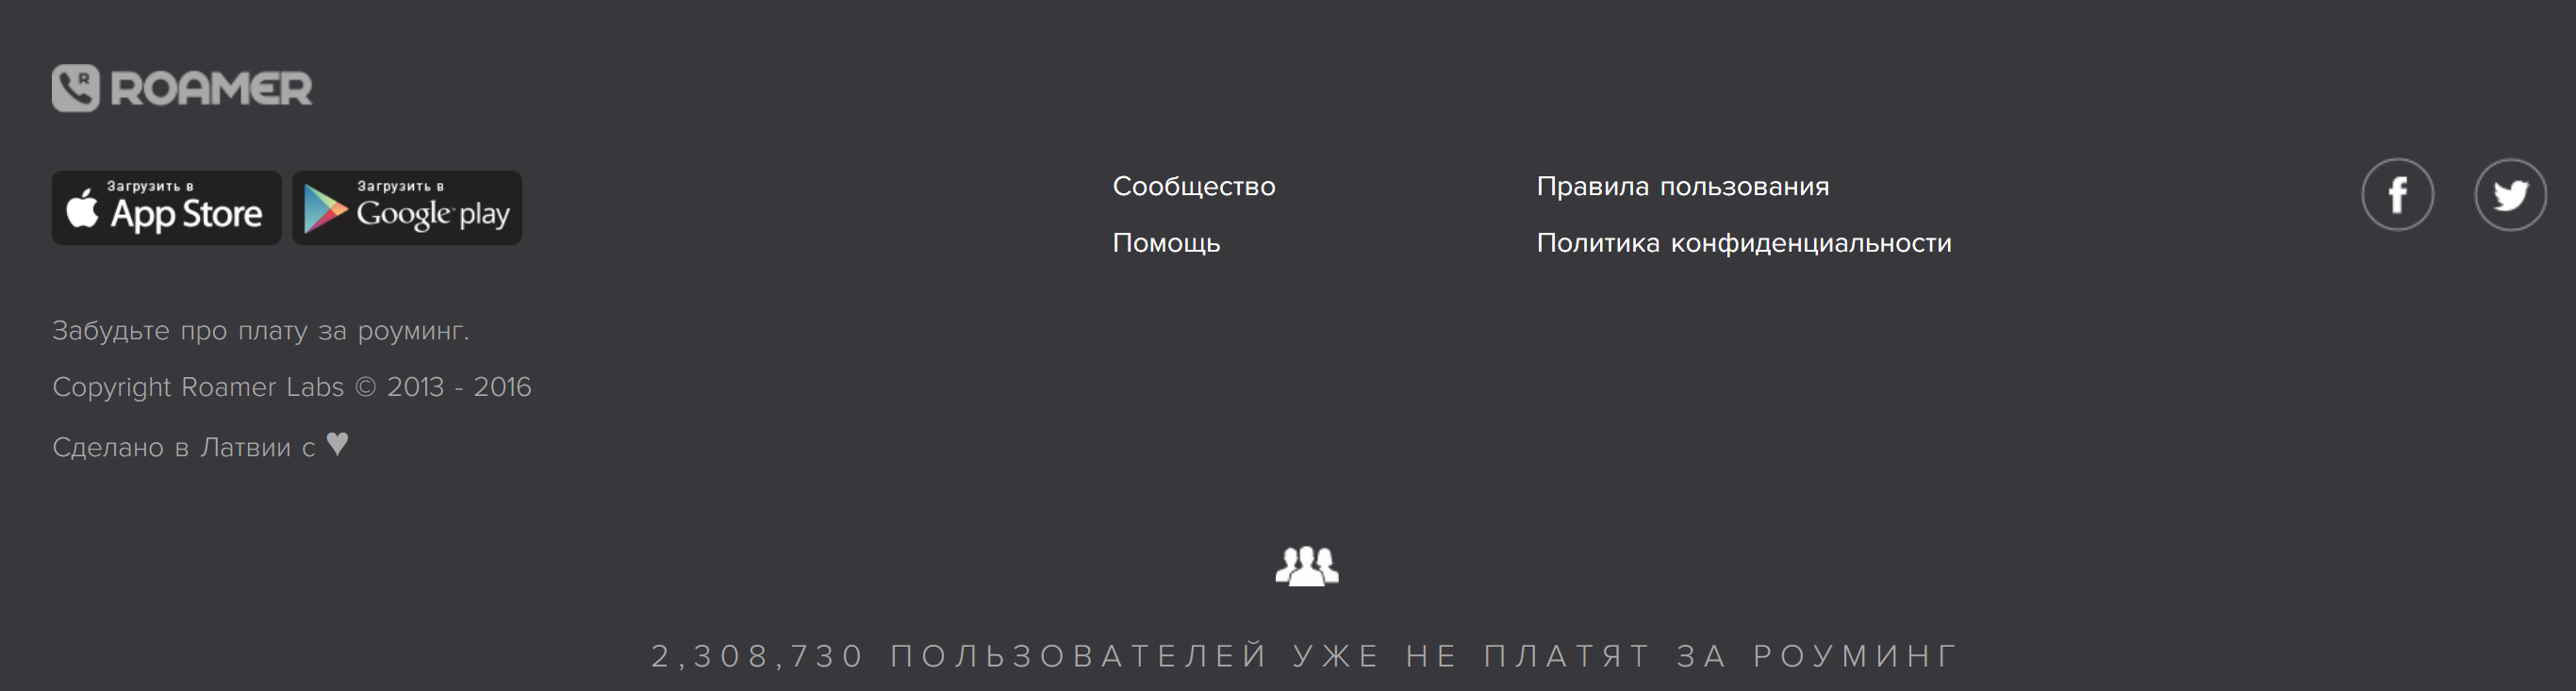 Зомби-проекты – сливают данные пользователей даже после своей смерти - 6